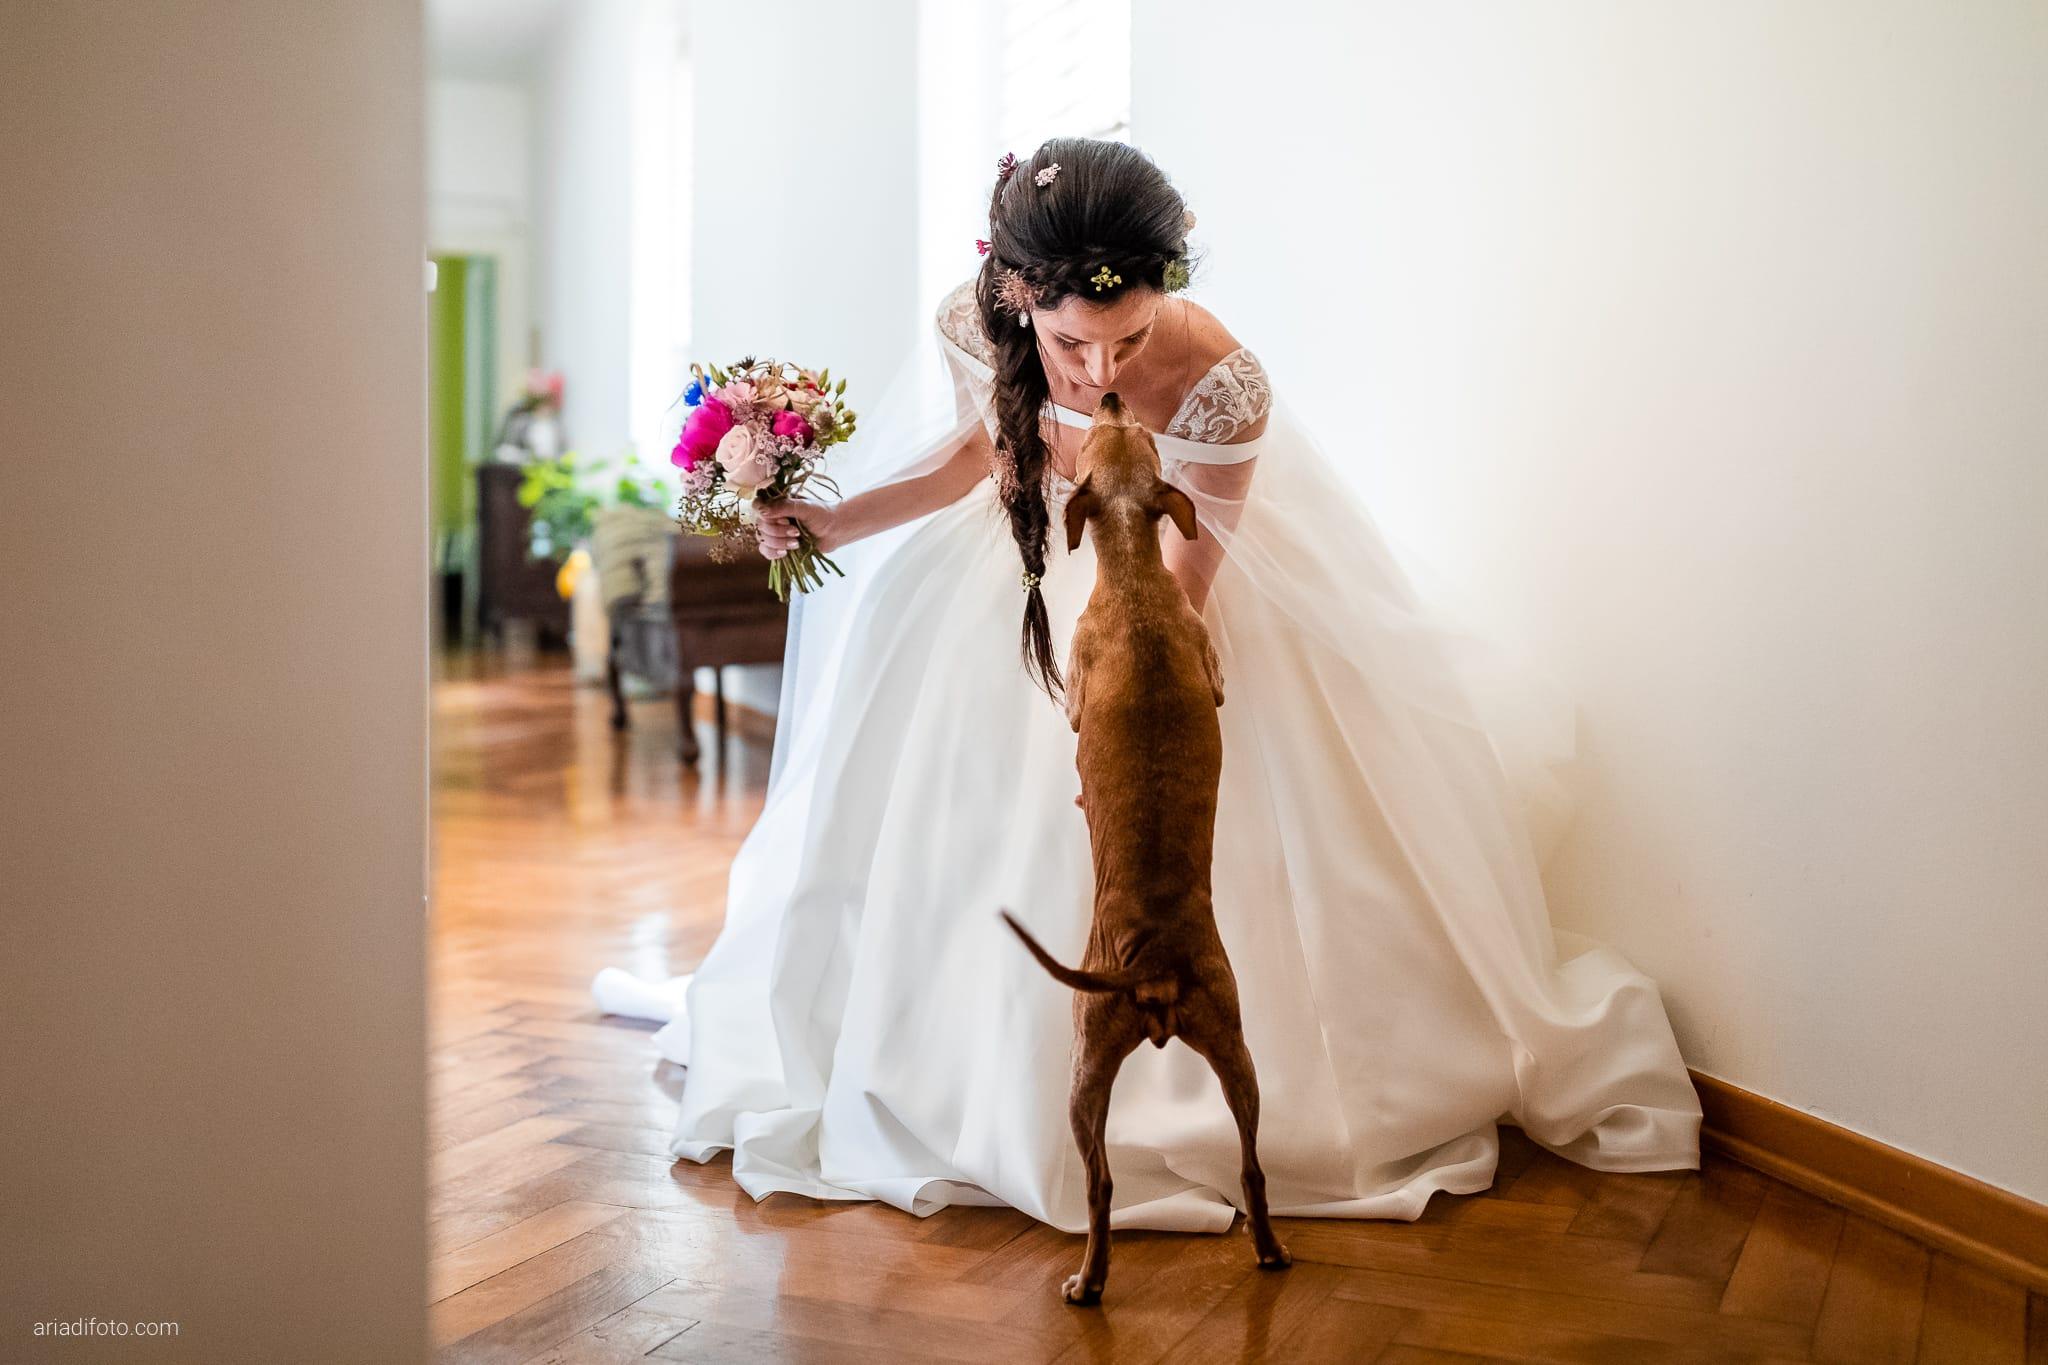 Giorgia Davide Matrimonio Muggia Trieste Baronesse Tacco San Floriano Del Collio Gorizia preparazioni sposa momenti cane